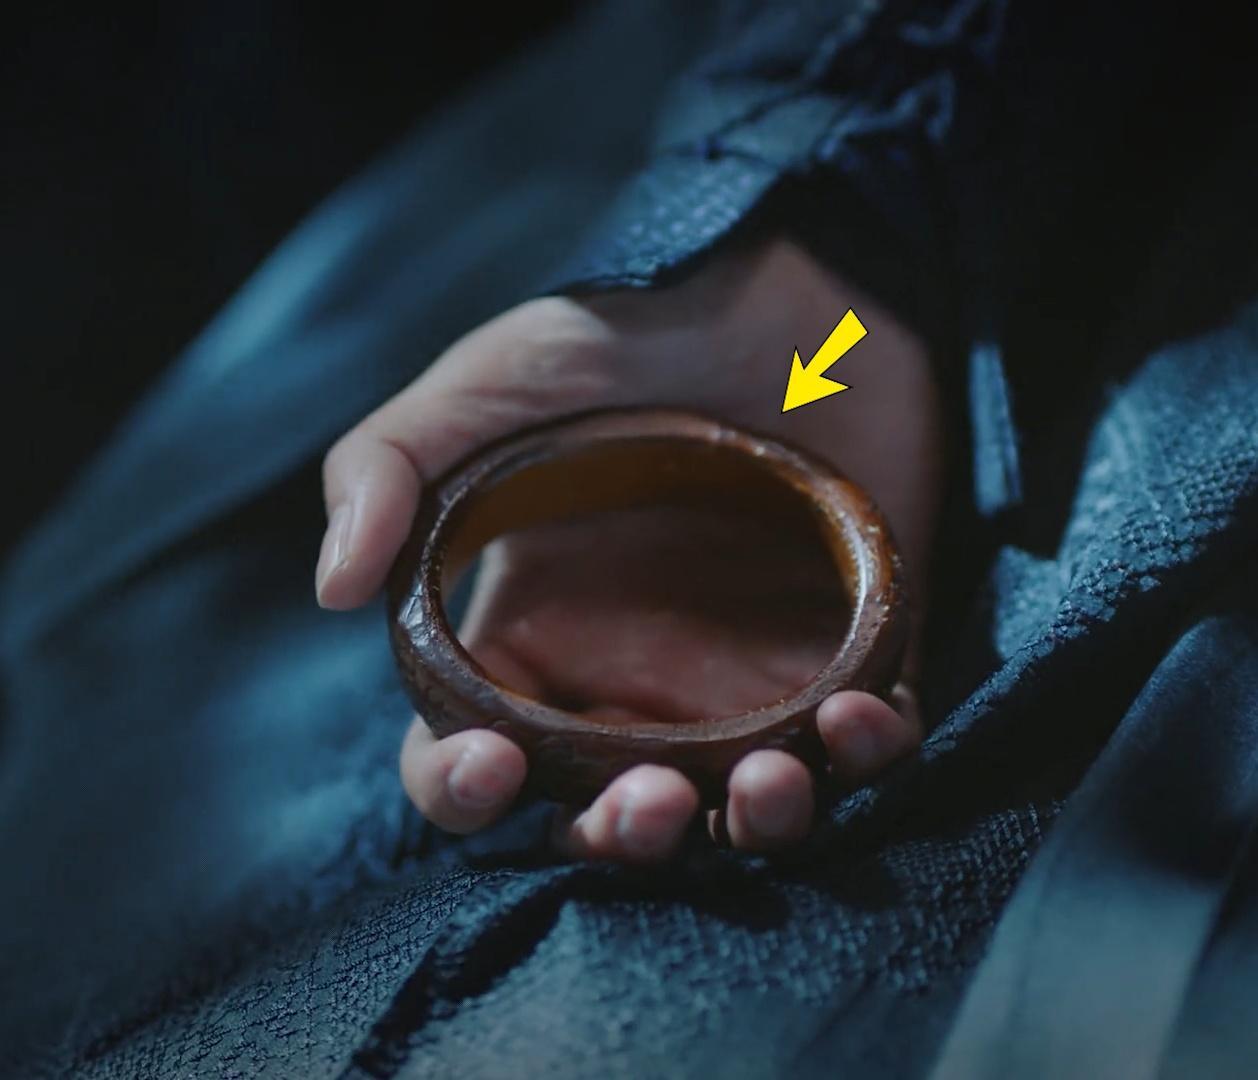 Phim cổ trang Trung Quốc bị chê giả khi dùng thuốc bắc thay cho máu Ảnh 9